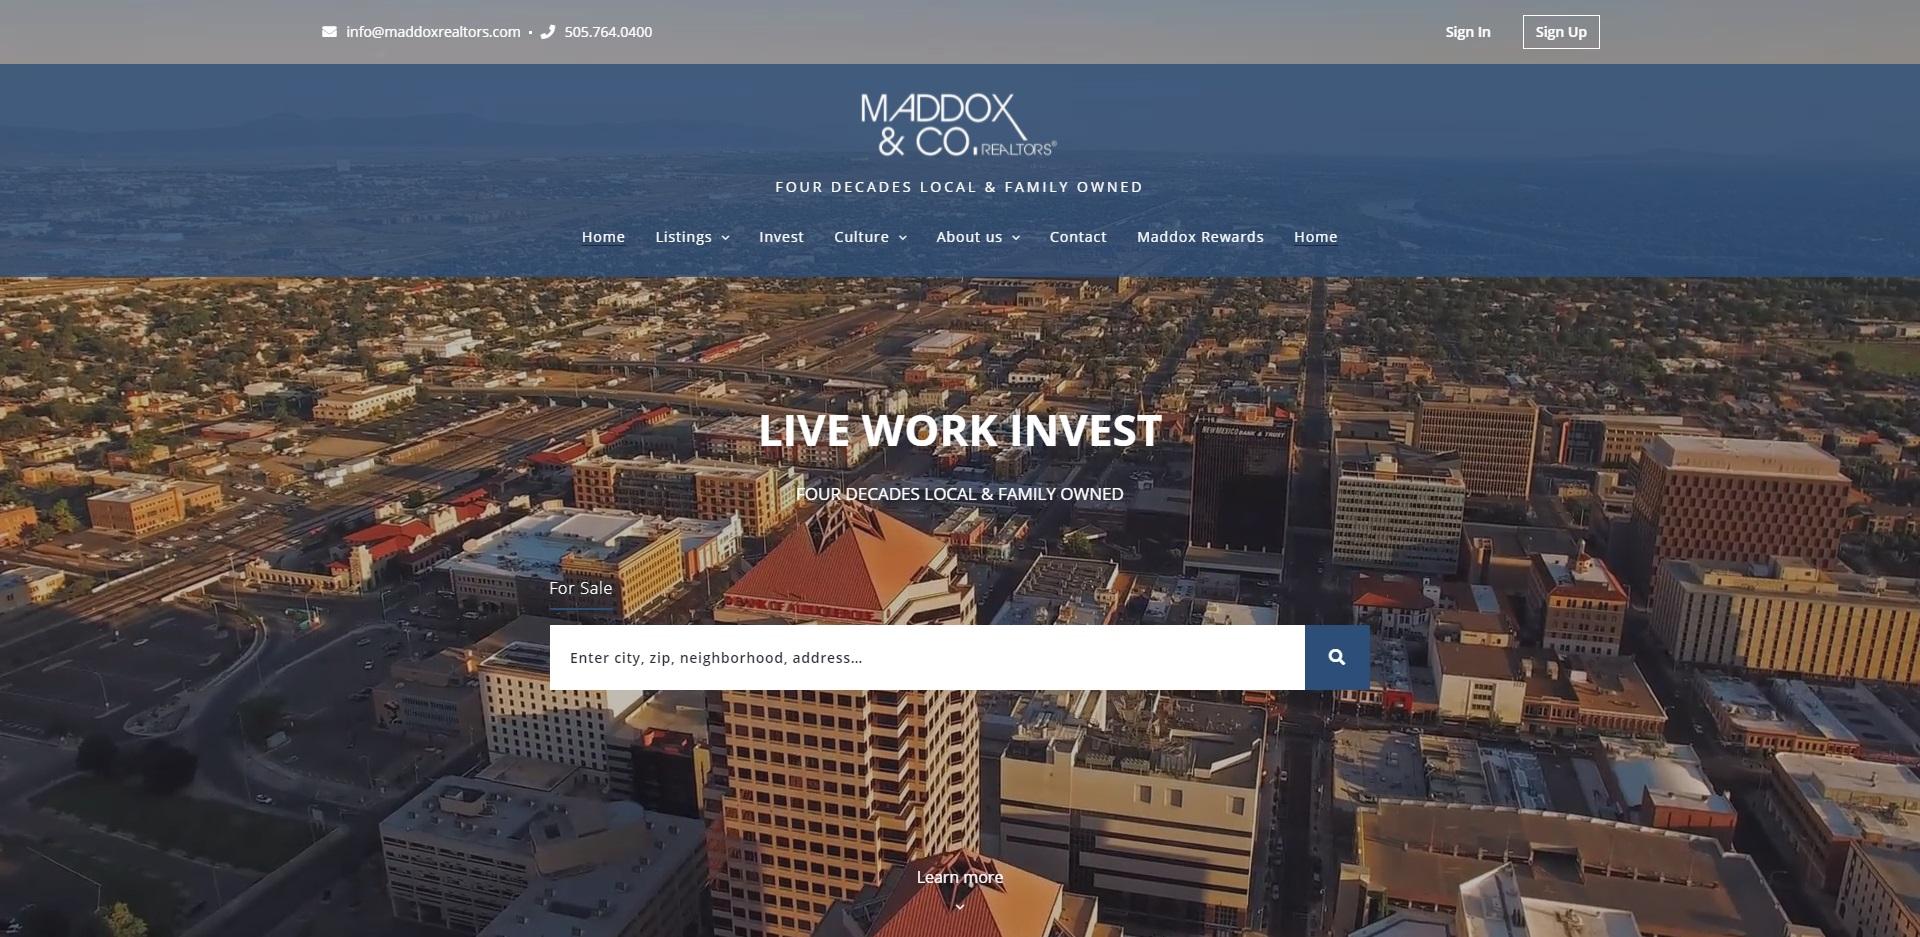 Albuquerque, NM Best Realtors